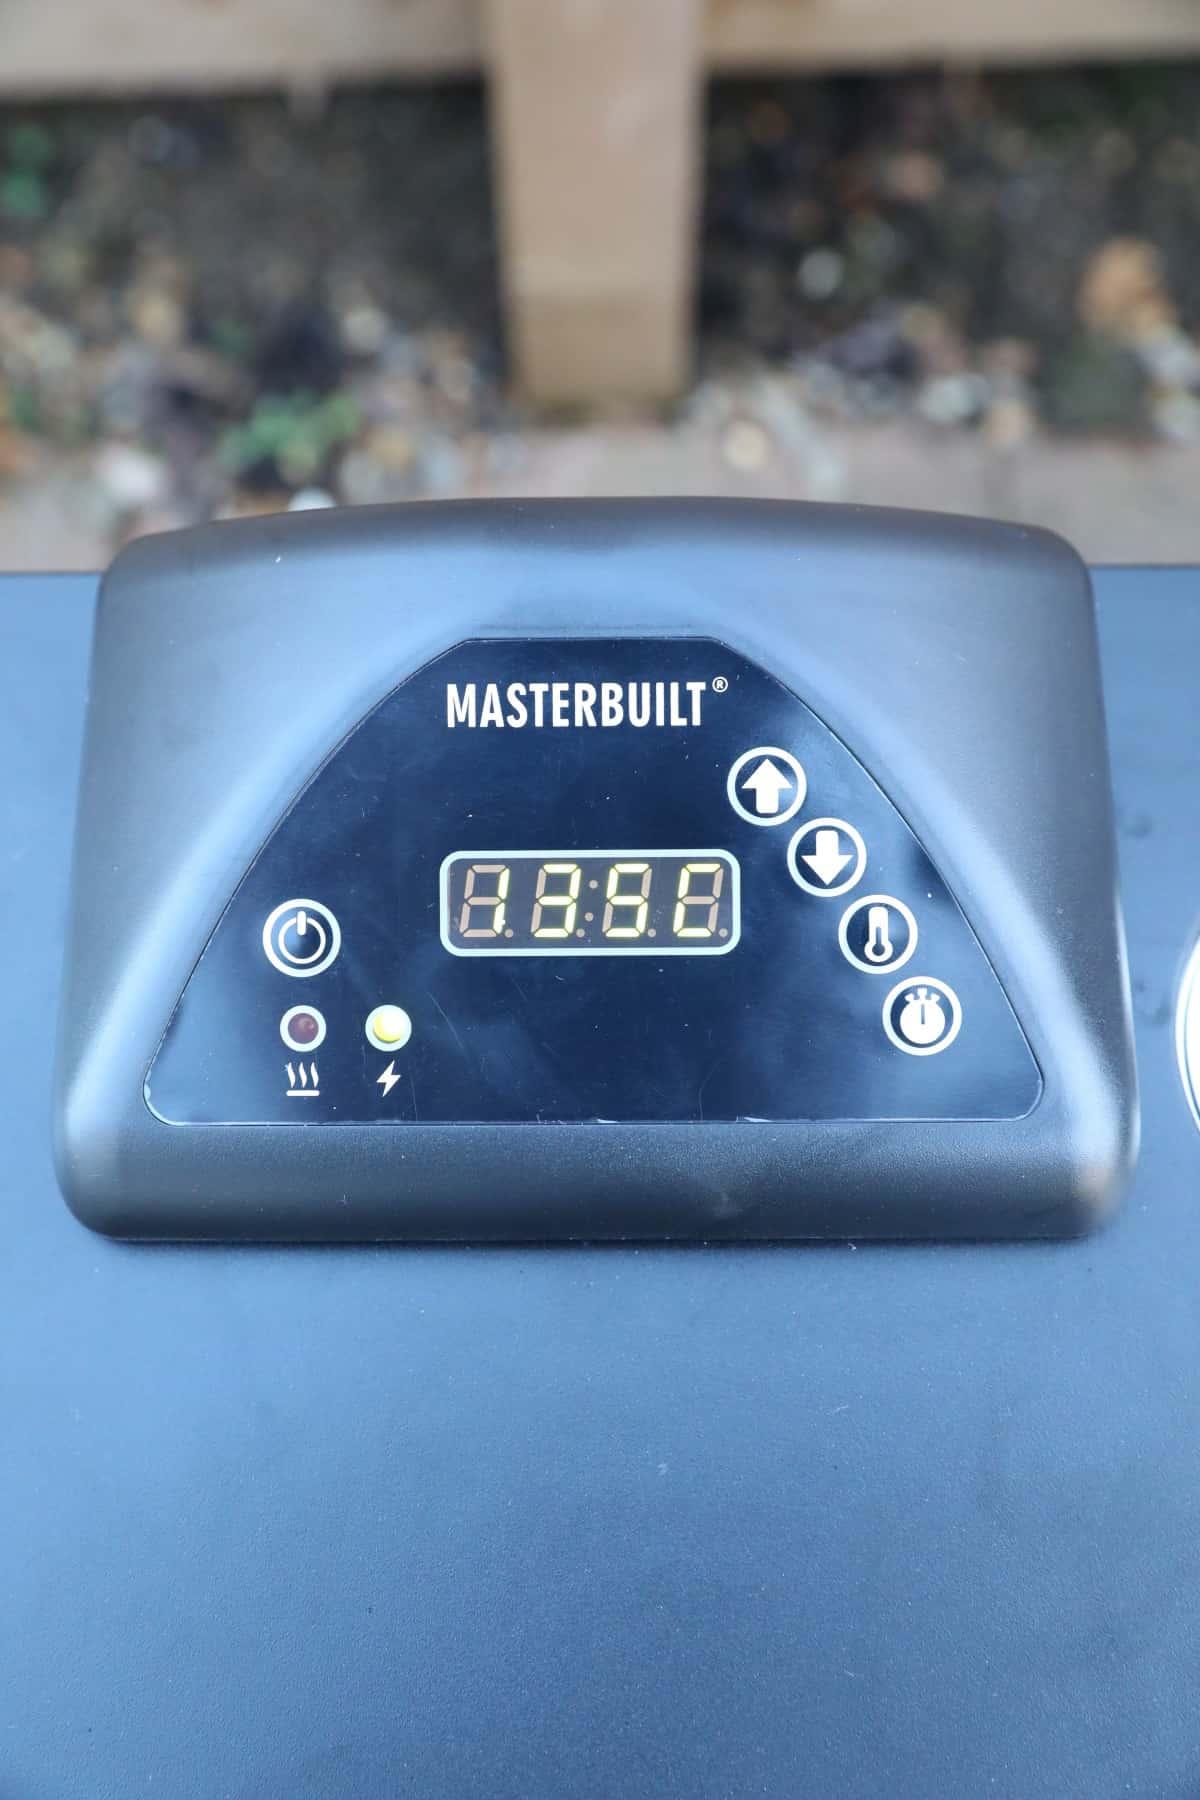 Close up of Masterbuilt electric smoker controller